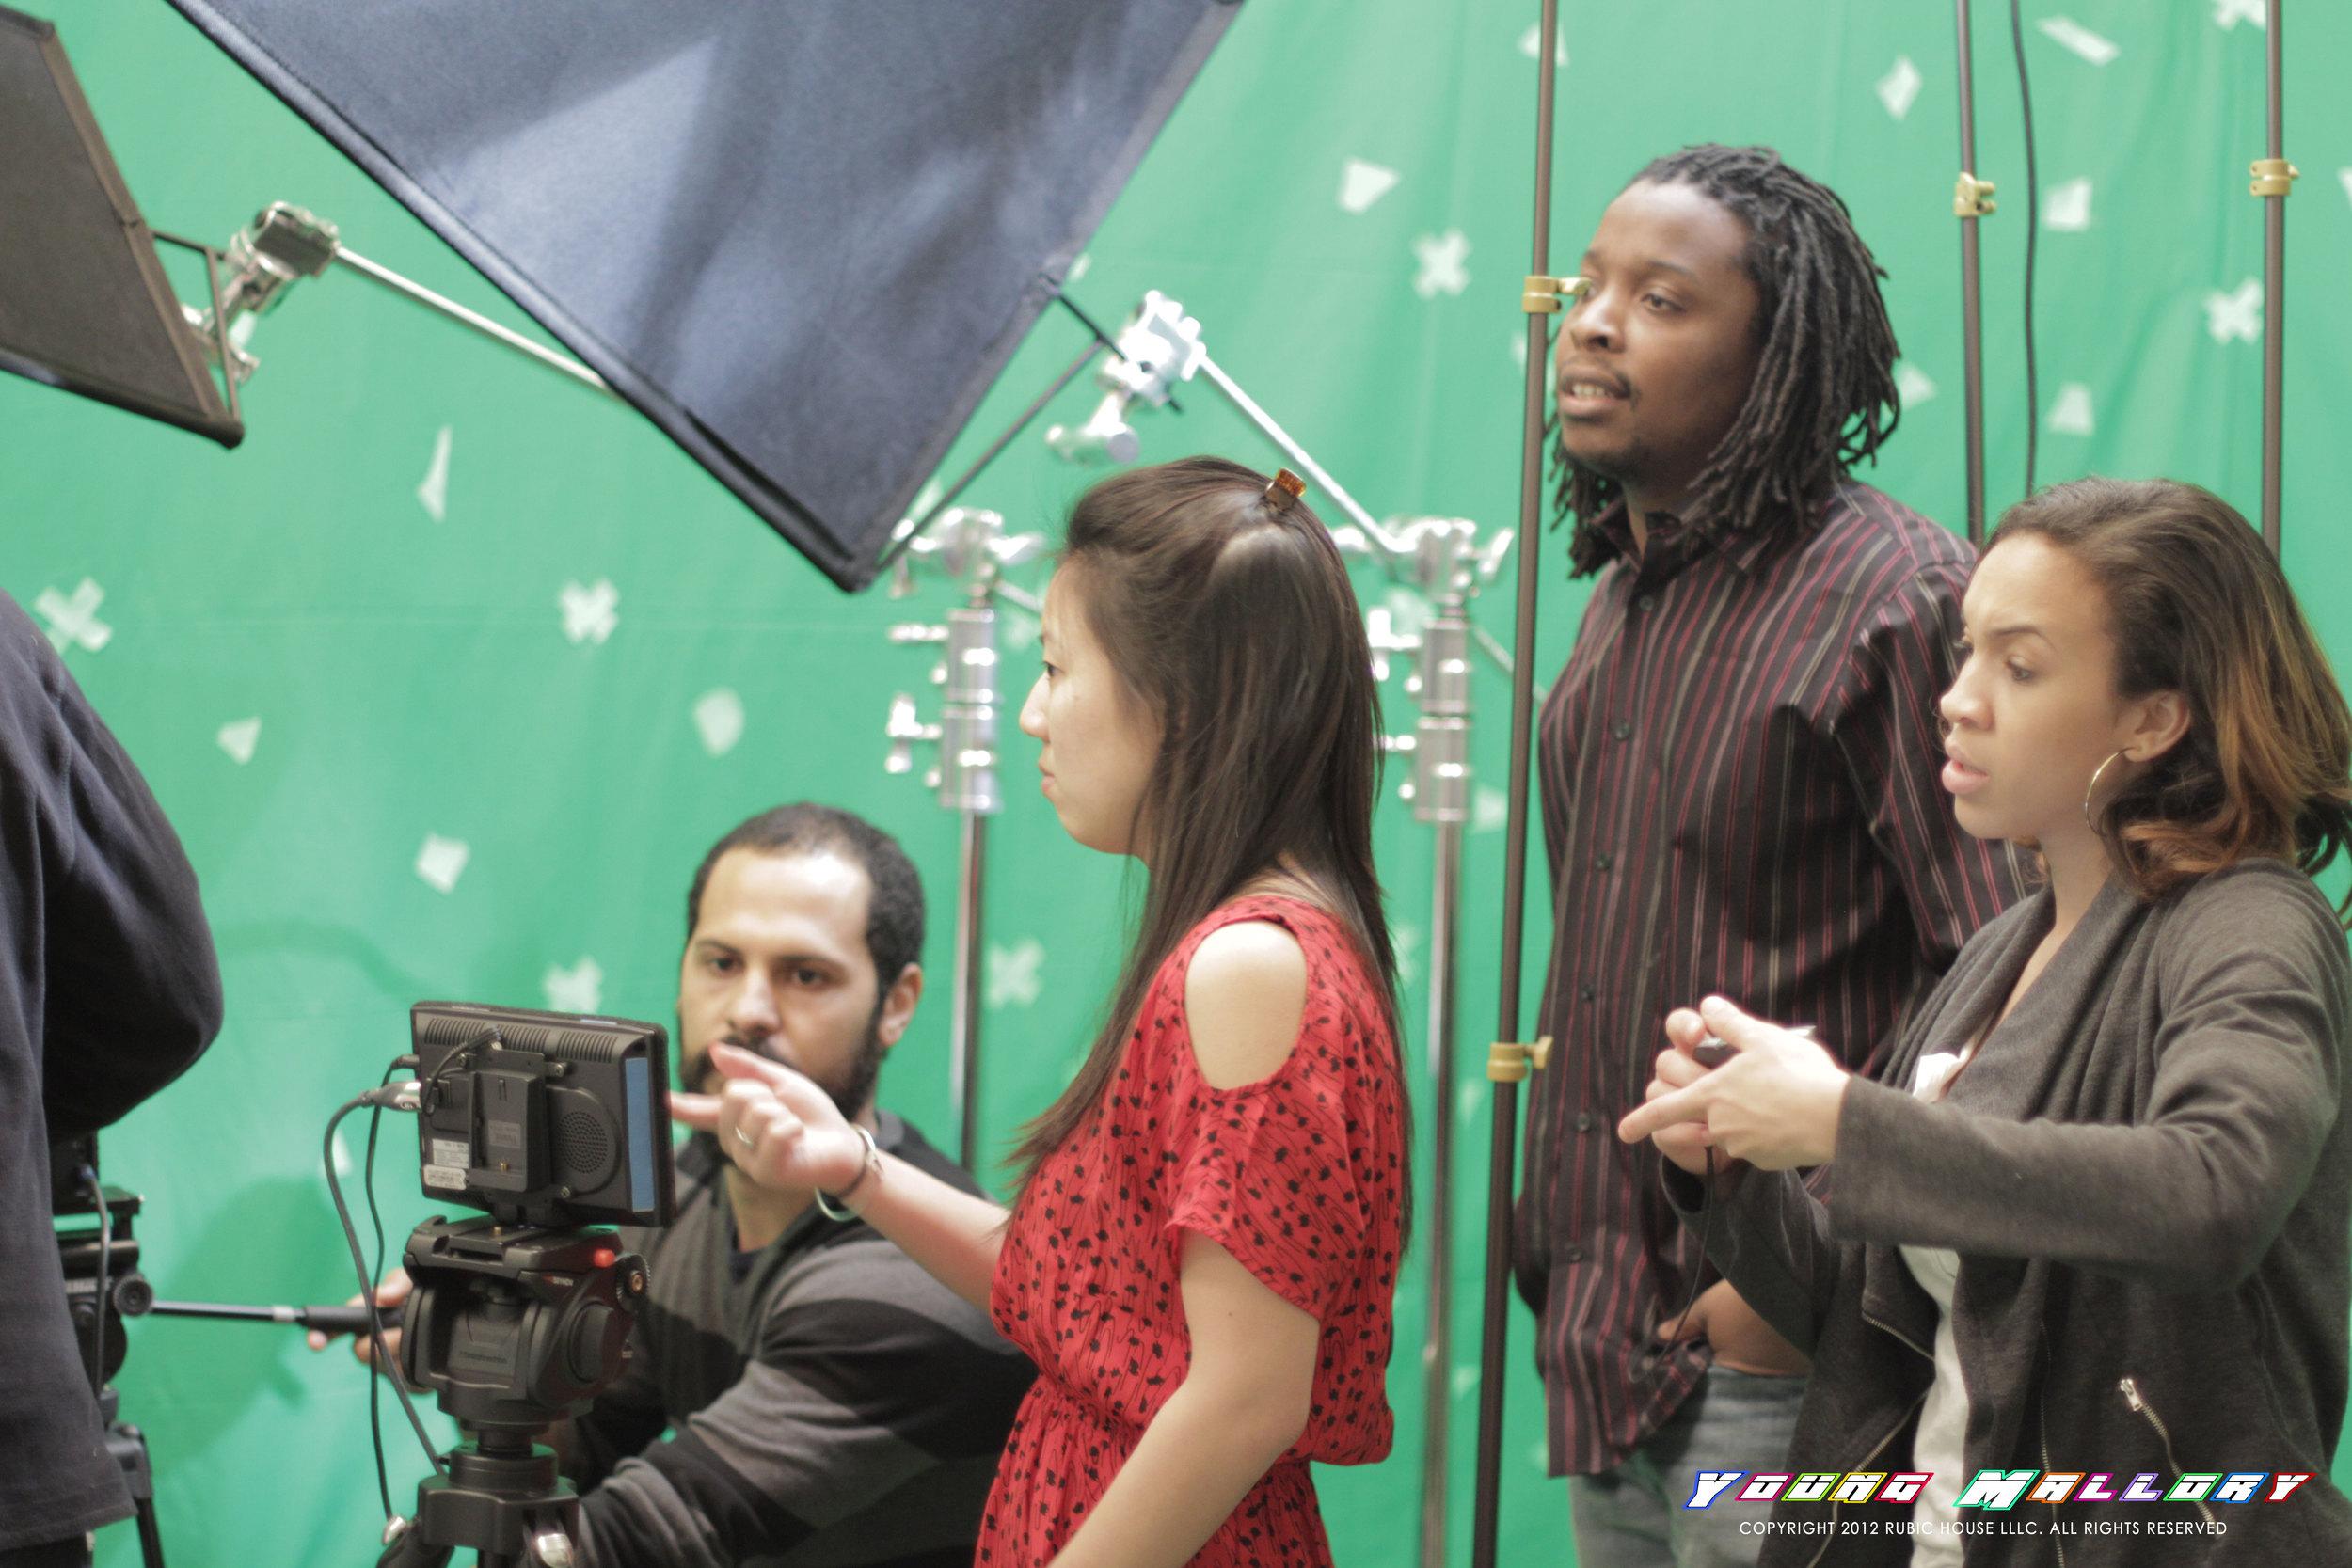 behind-the-scenes-photo-5.jpg